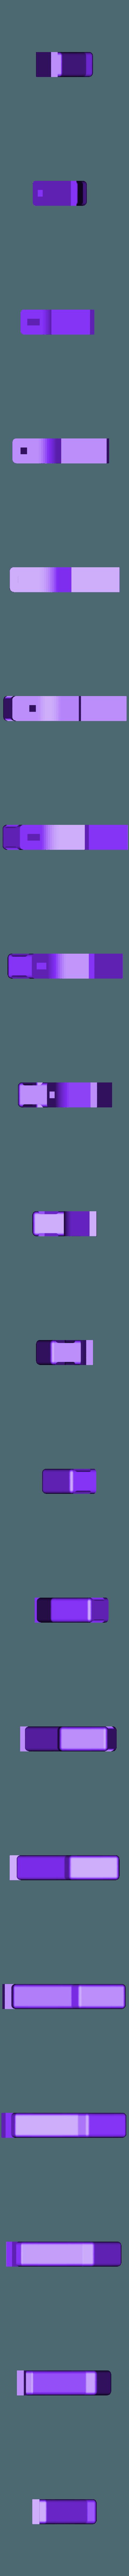 Clamp End.stl Télécharger fichier STL gratuit Pince de détente à prise rapide imprimable (fonctionnelle) • Design imprimable en 3D, arron_mollet22